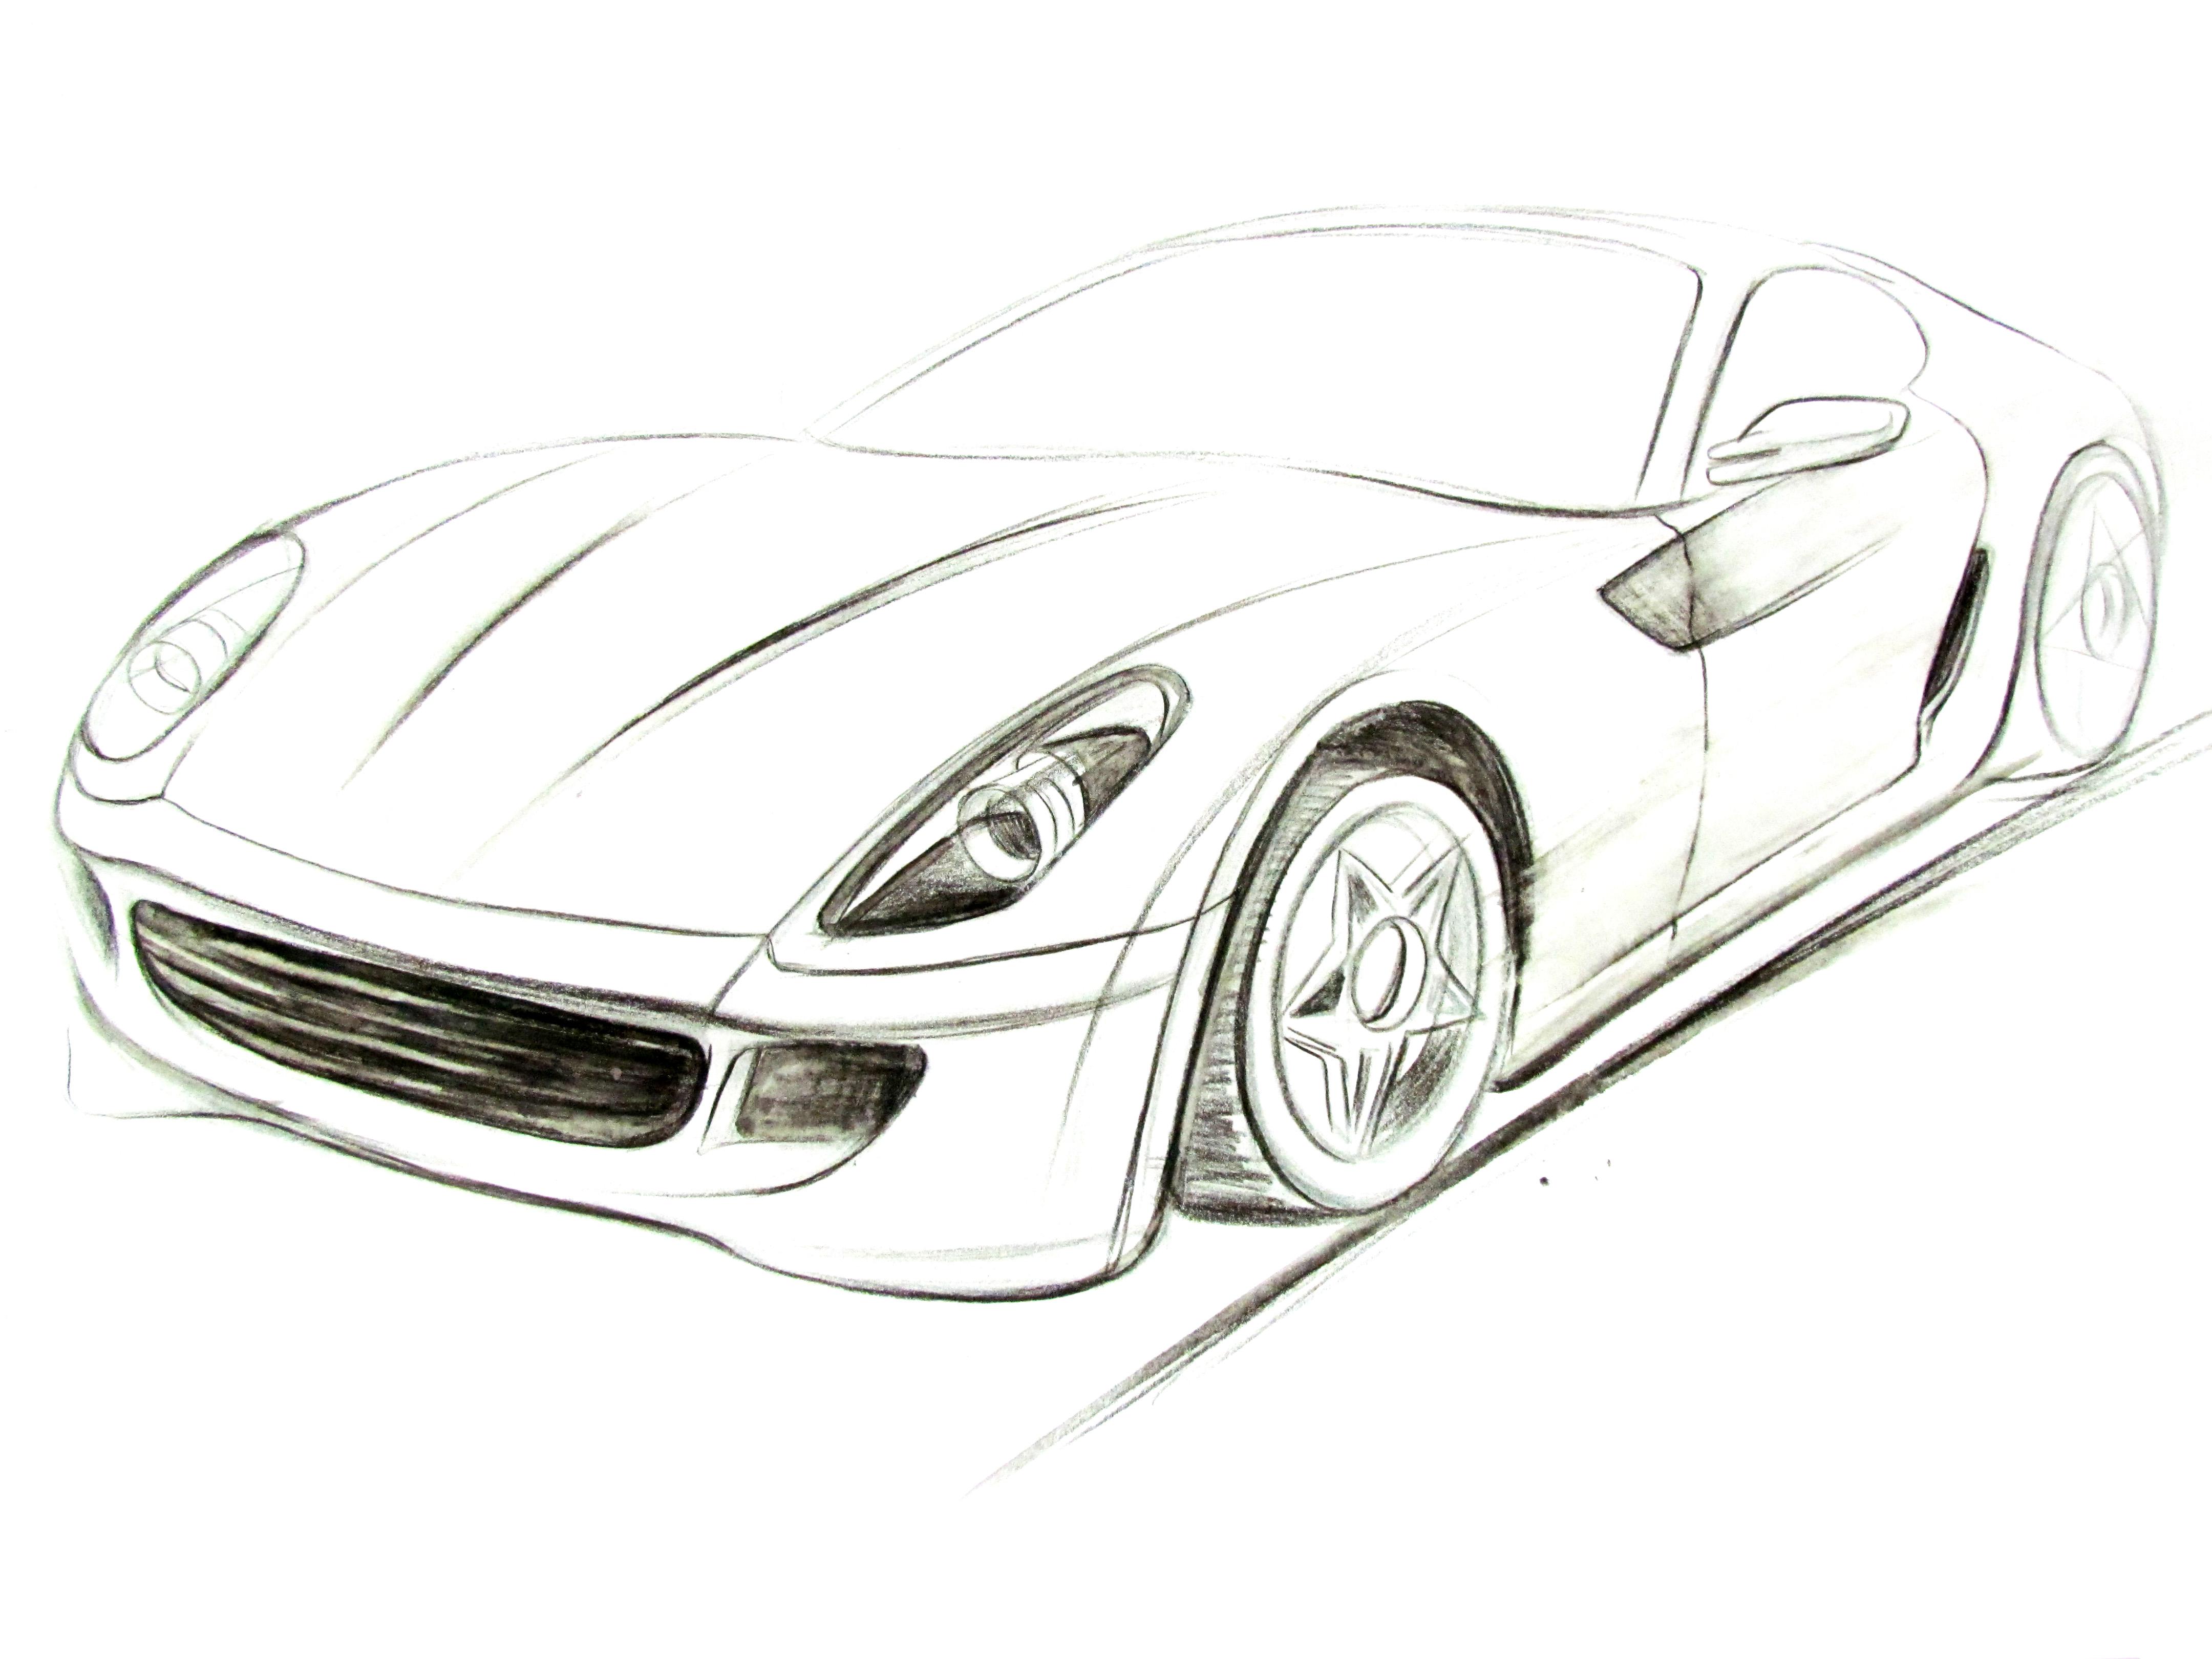 本科工业设计期间,工业产品,汽车手绘,平均